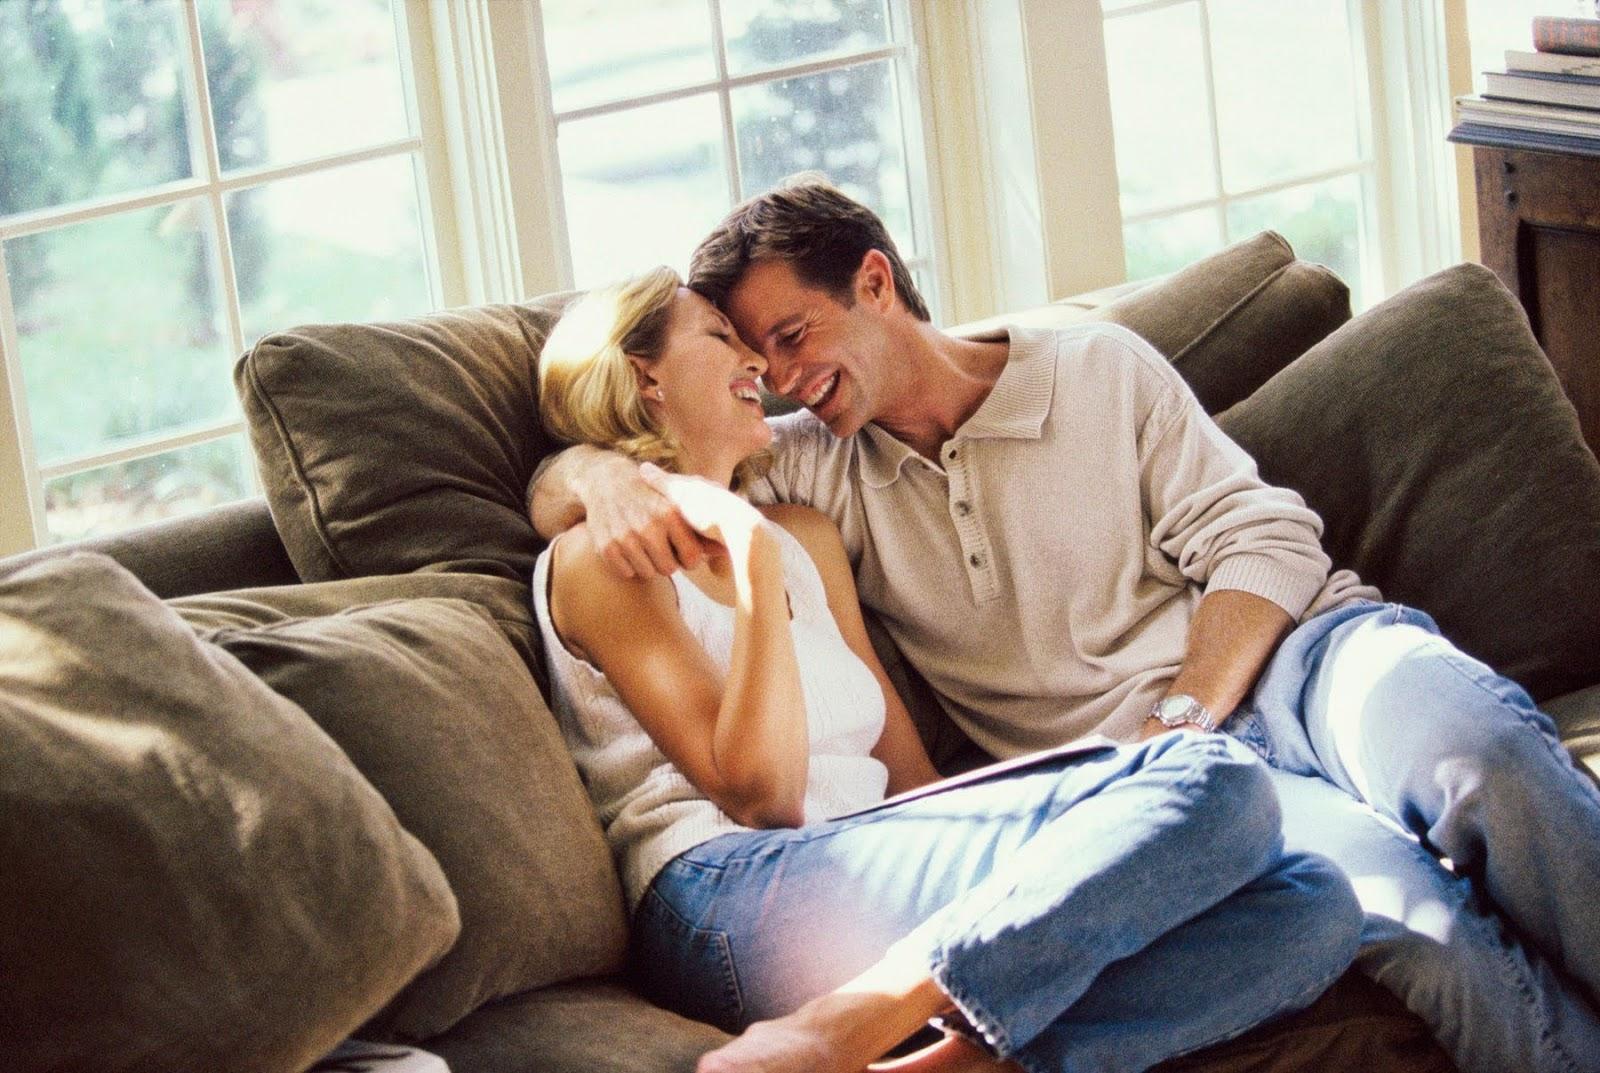 Τι απεχθάνονται οι άνδρες μετά το σεξ